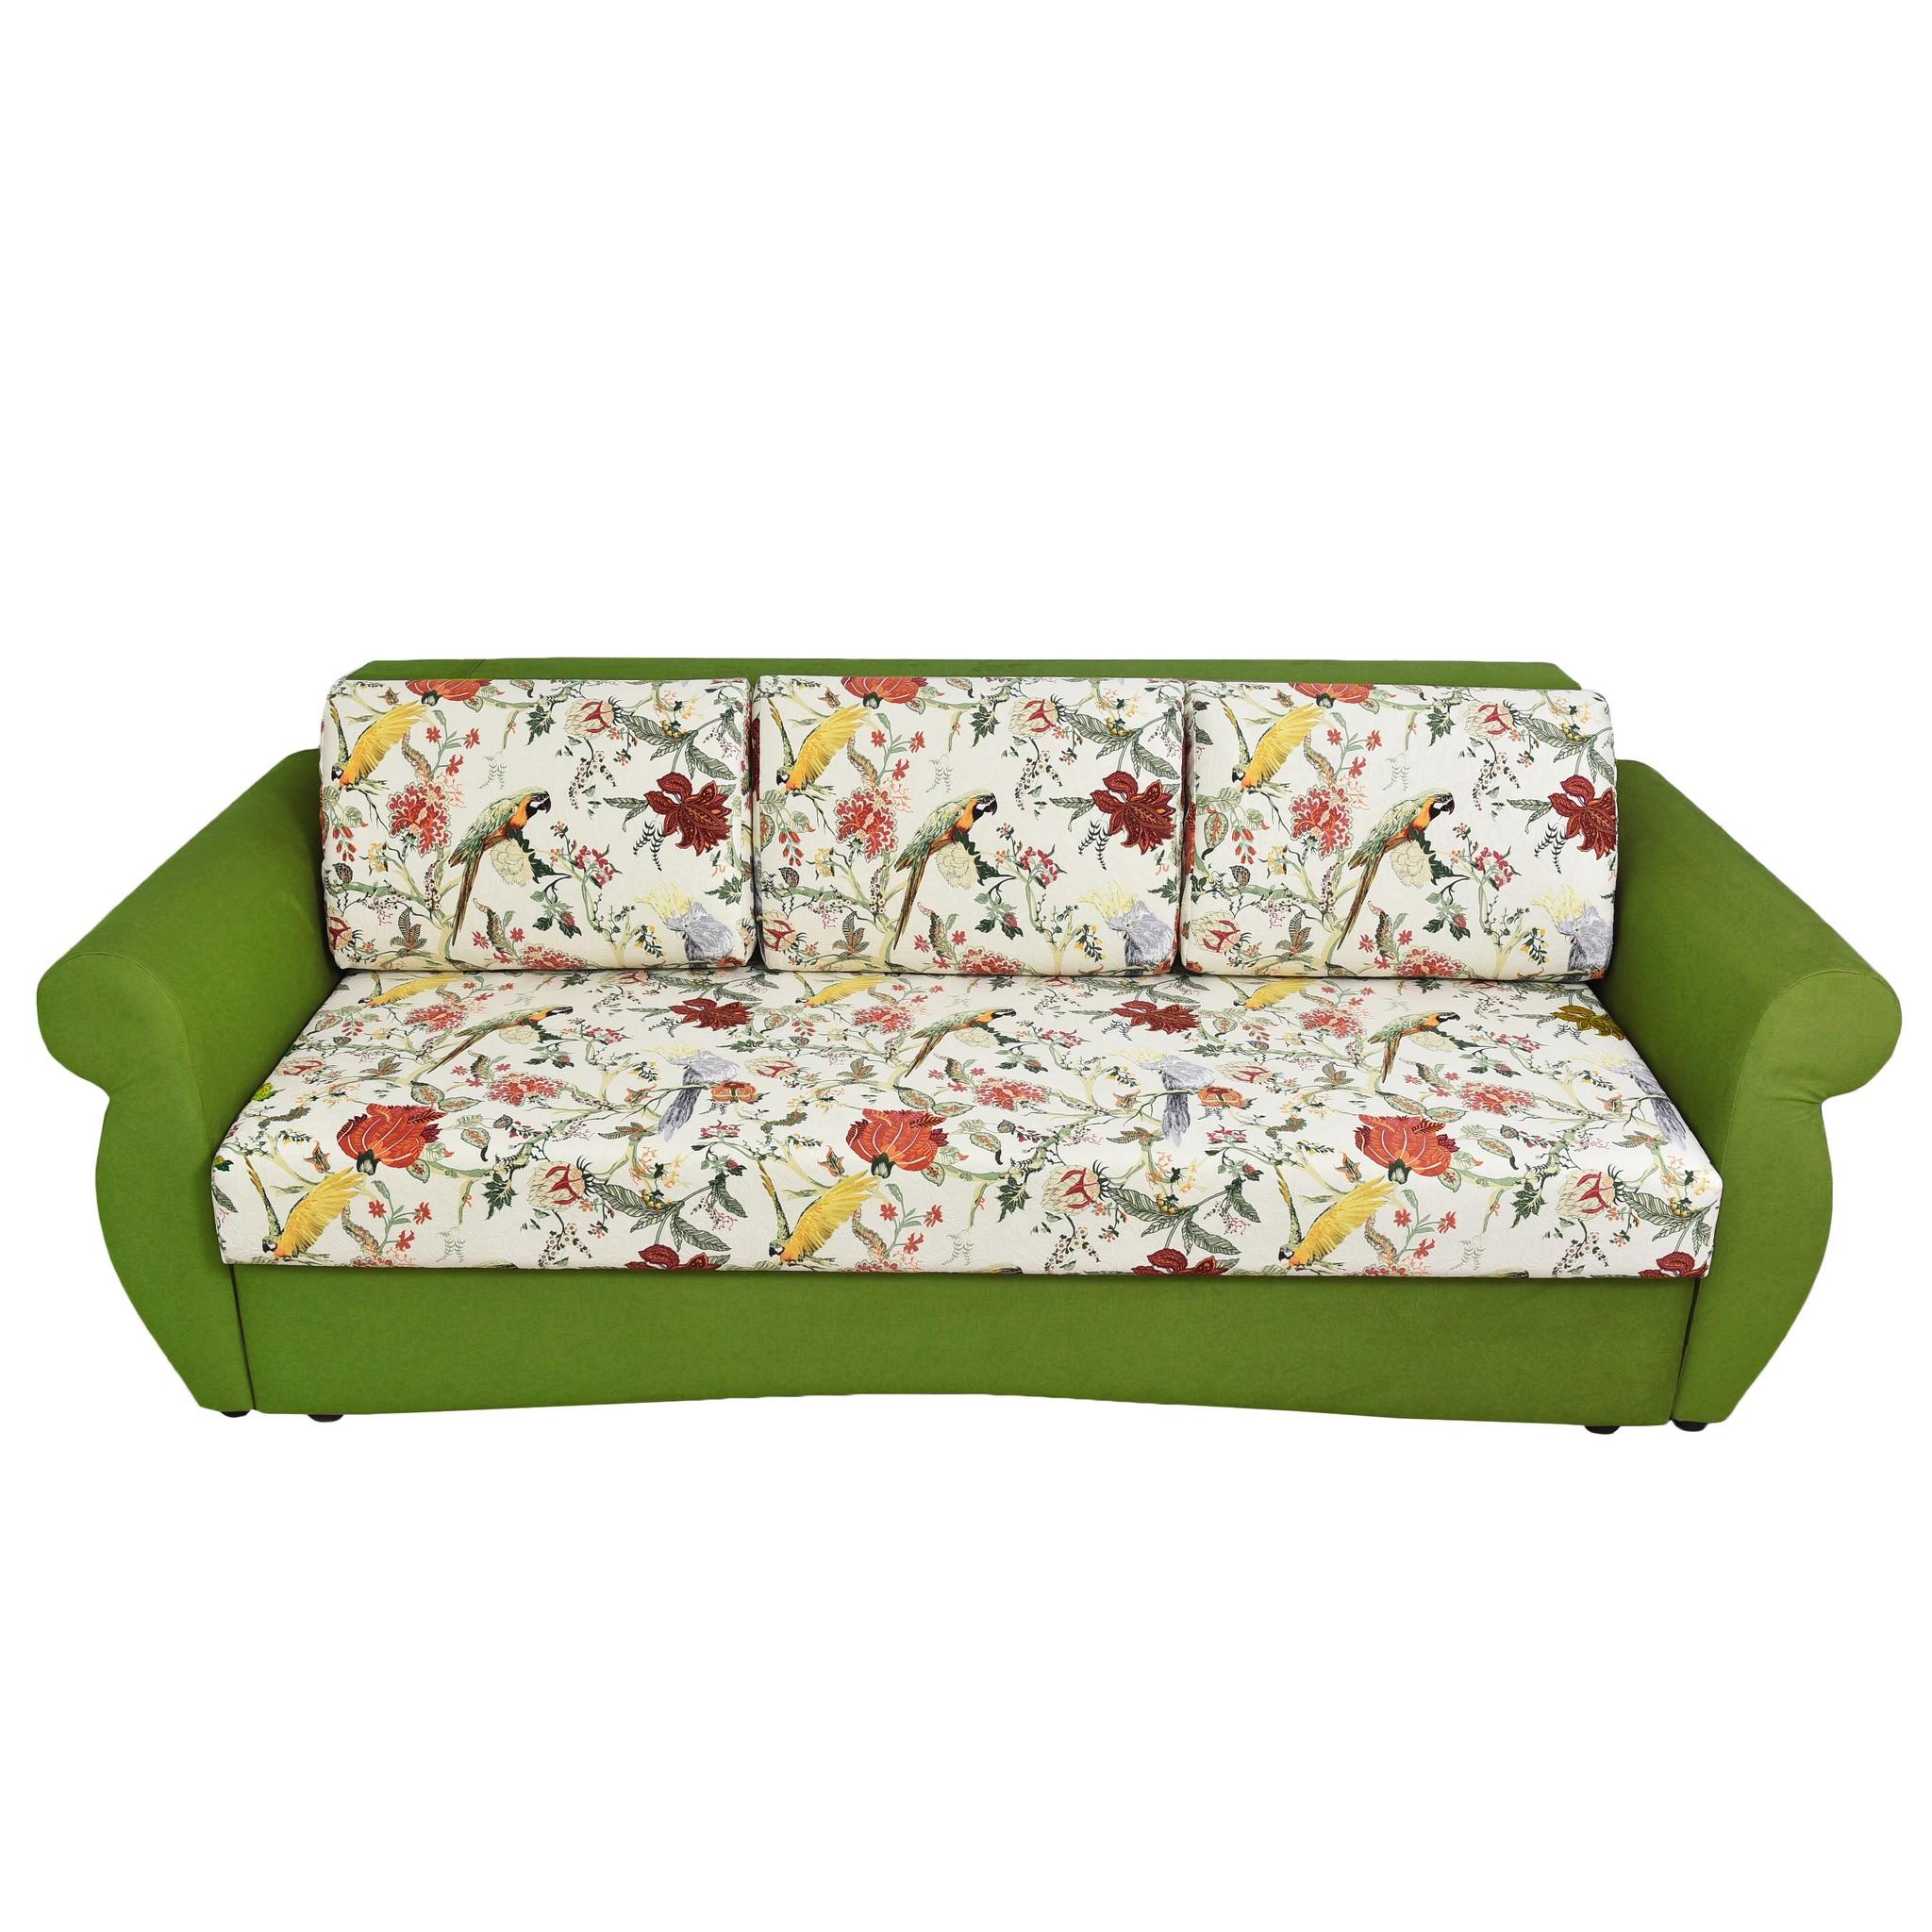 ДиванПрямые раскладные диваны<br>Каркасный  диван оригинального дизайна станет не только выделяющимся, но и комфортным акцентом в вашем интрерьере.  Диван статнет незаменимым предметом декора или функциональной мебелью. А эксклюзивные ткани добавят изюминку в ваше пространство.<br><br>Material: Текстиль<br>Length см: None<br>Width см: 230<br>Depth см: 90<br>Height см: 90